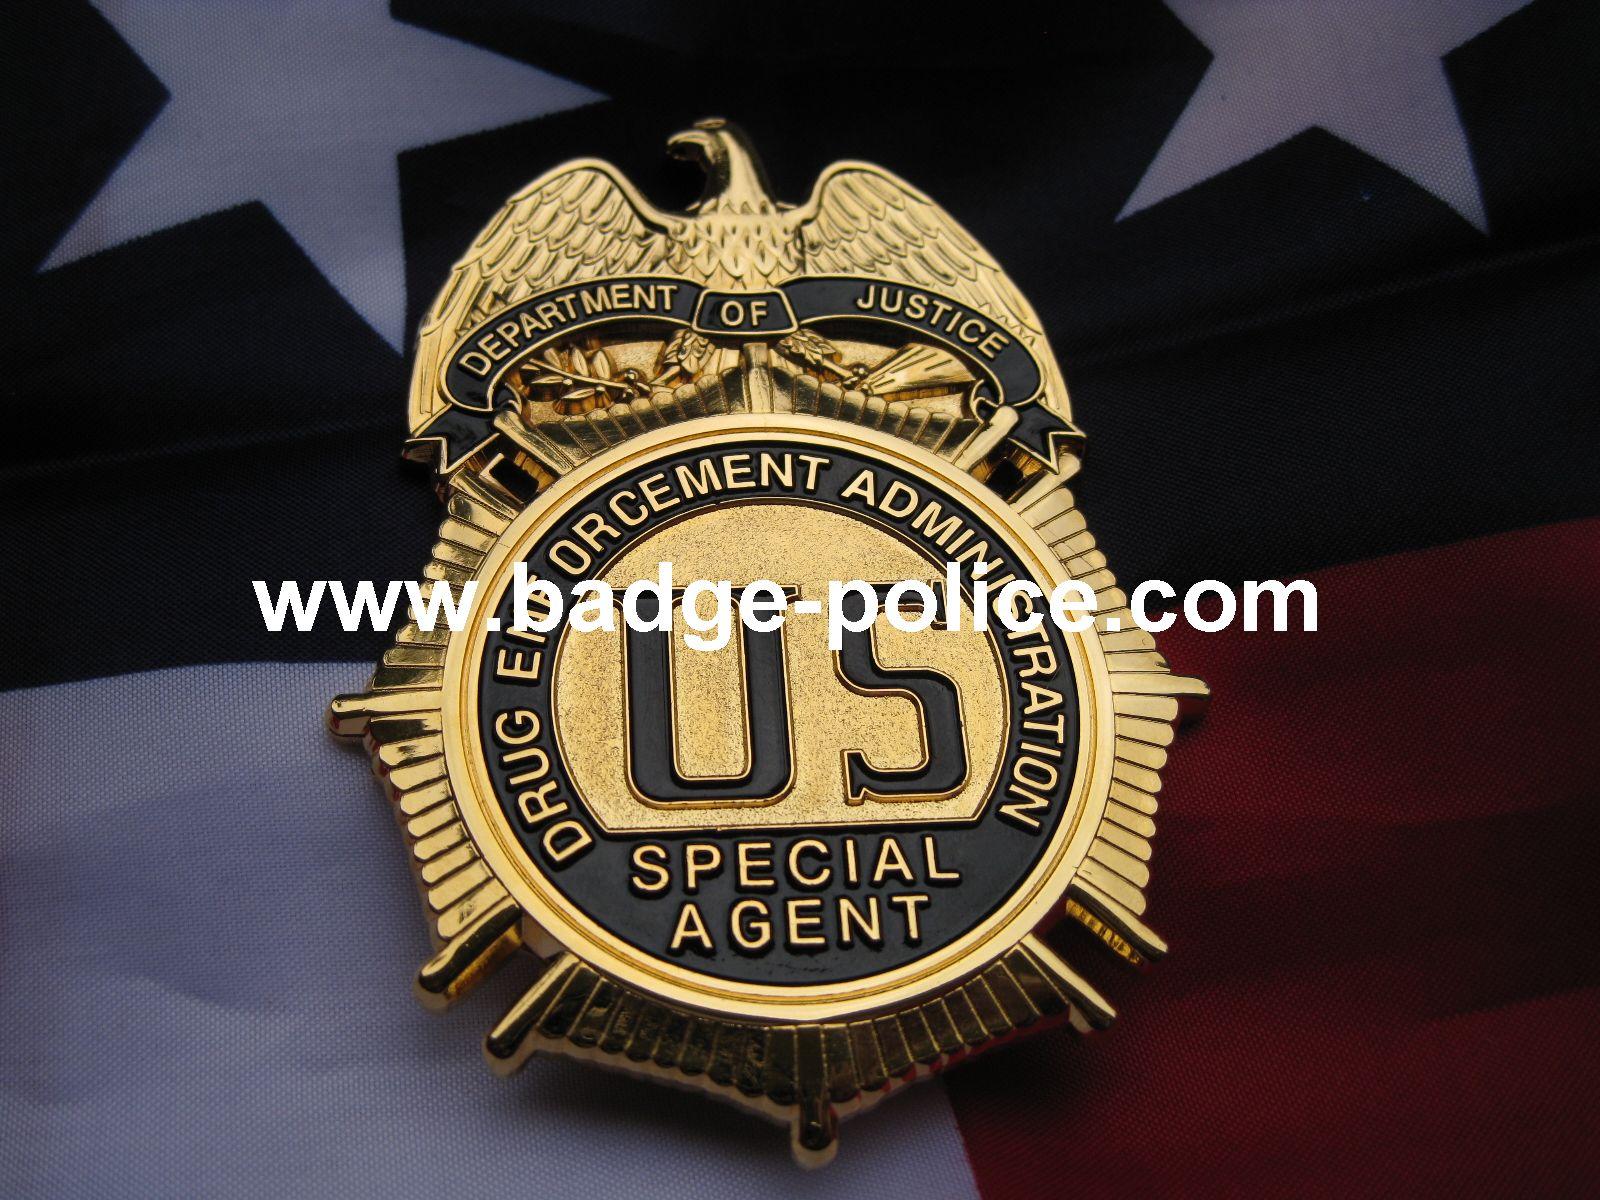 nasa oig special agent - photo #43